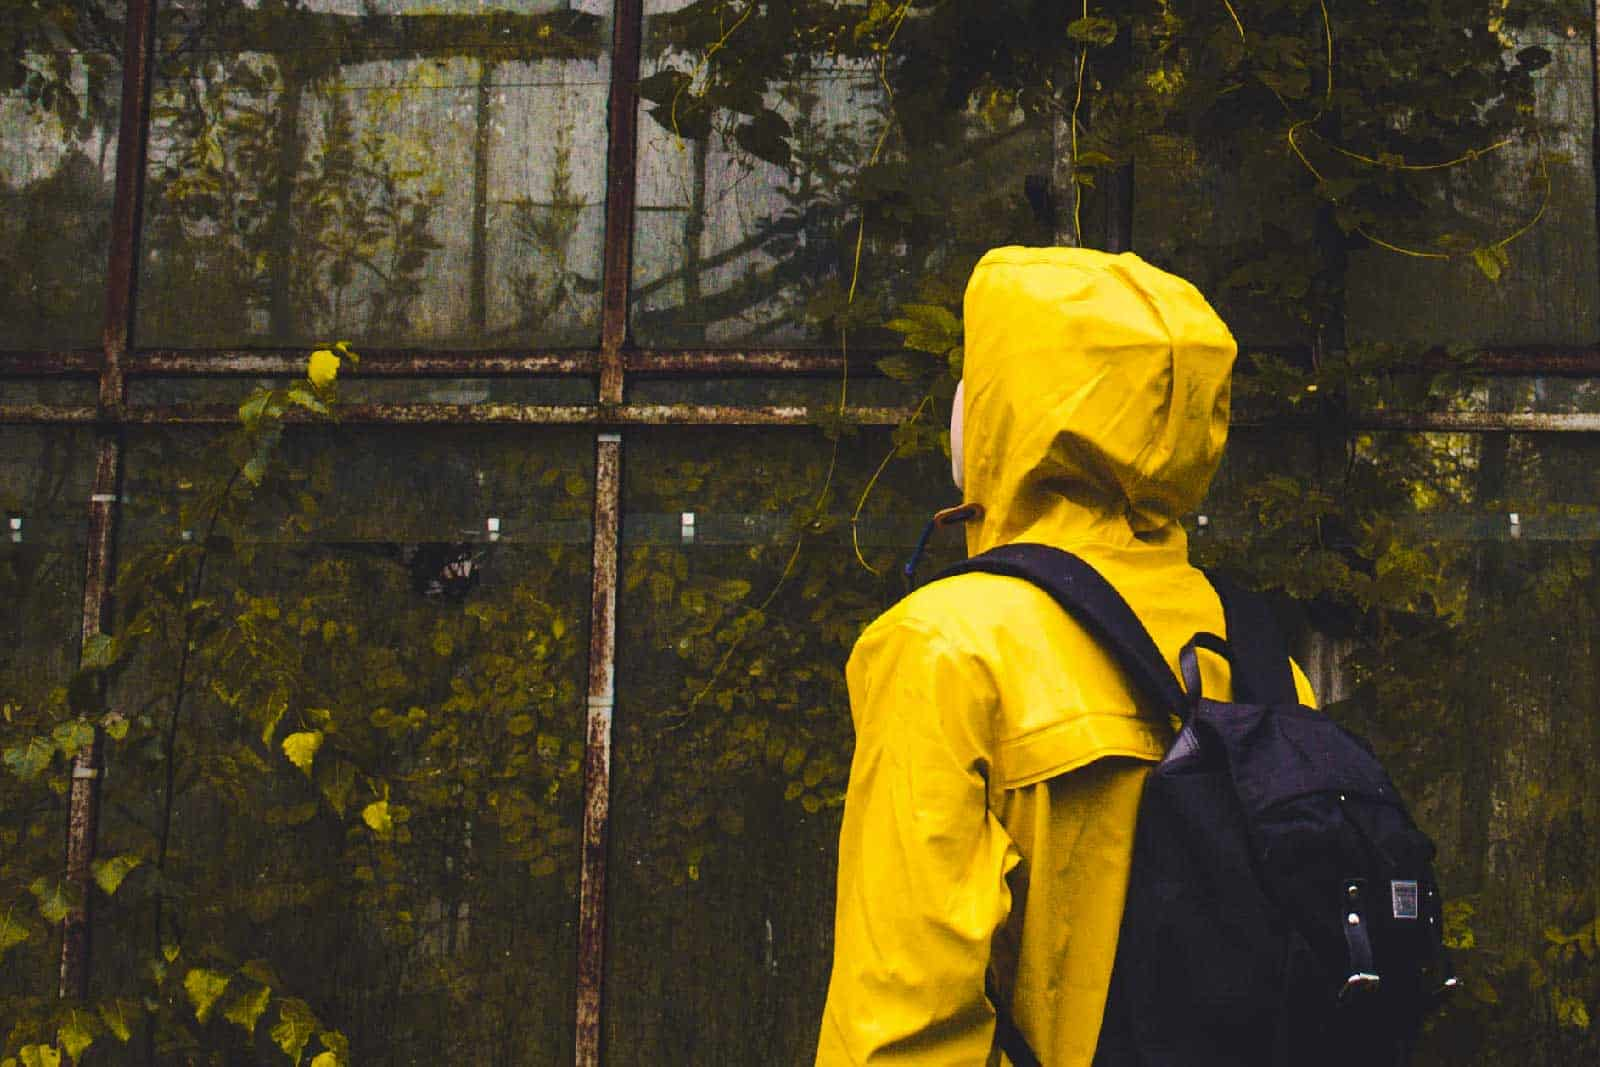 The BEST Rain Jackets for Women of 2020: Waterproof Jacket ...